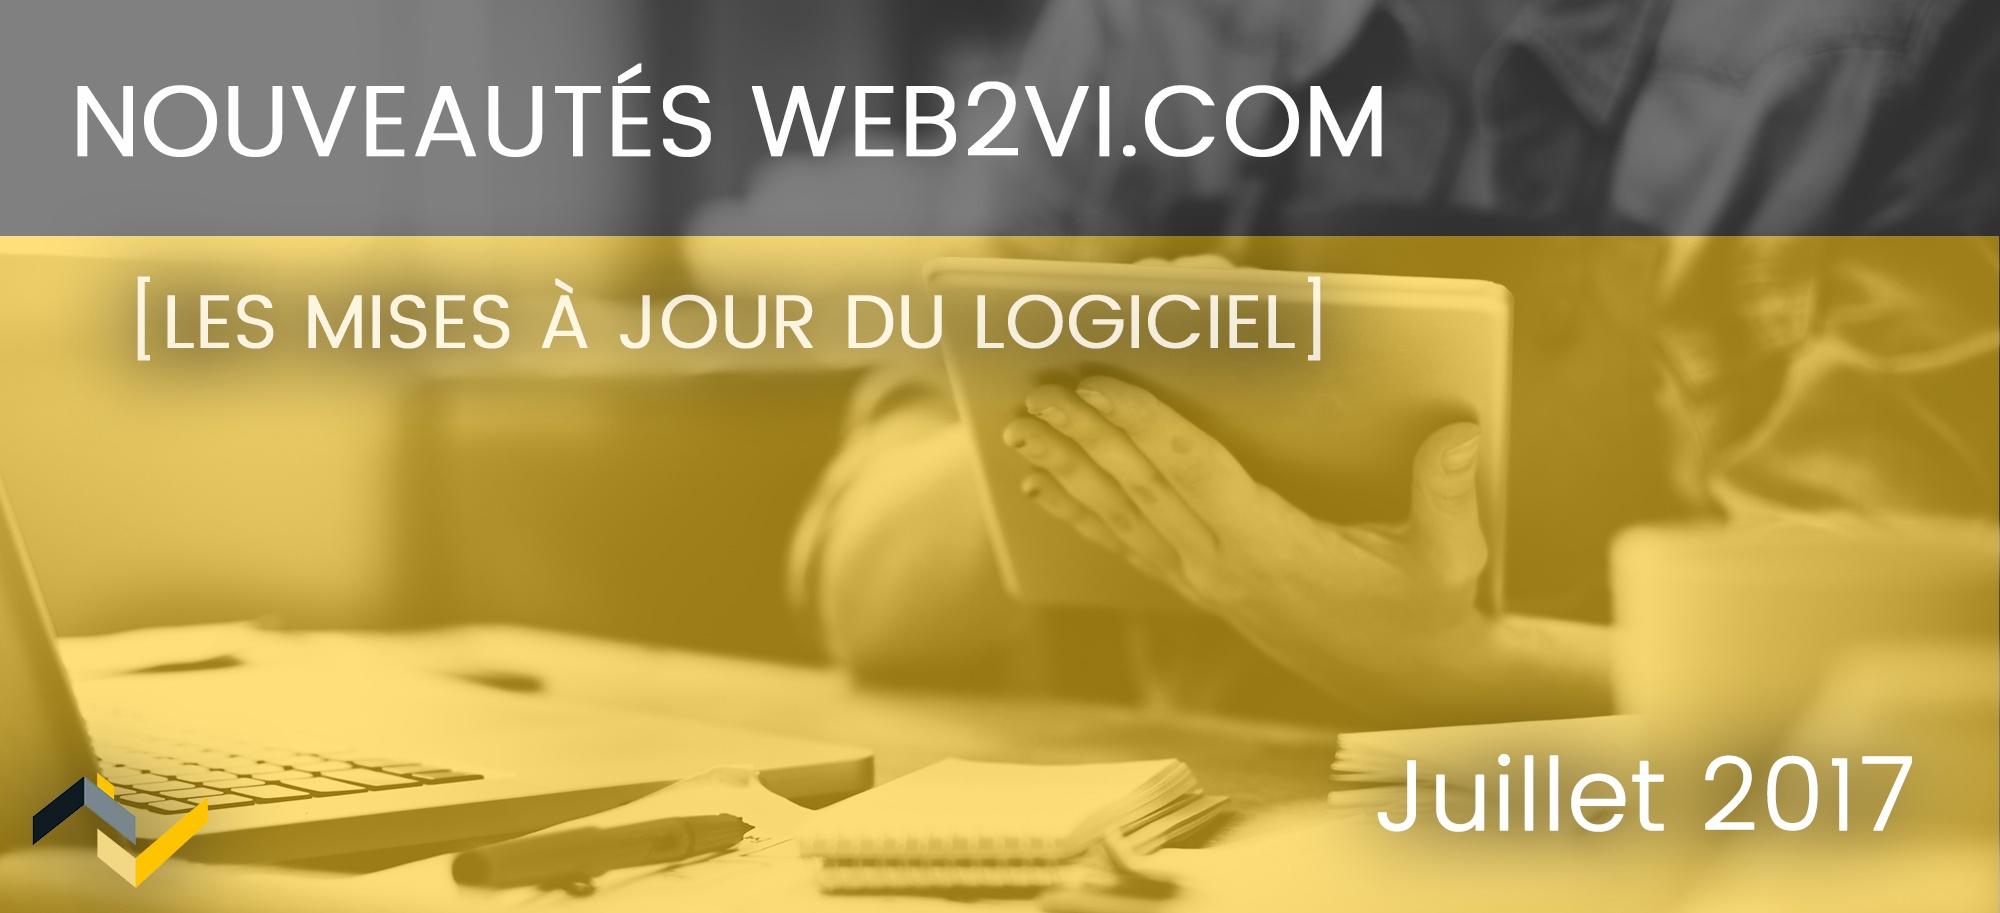 Les nouveautés de la plateforme Web2vi.com - Juillet 2017